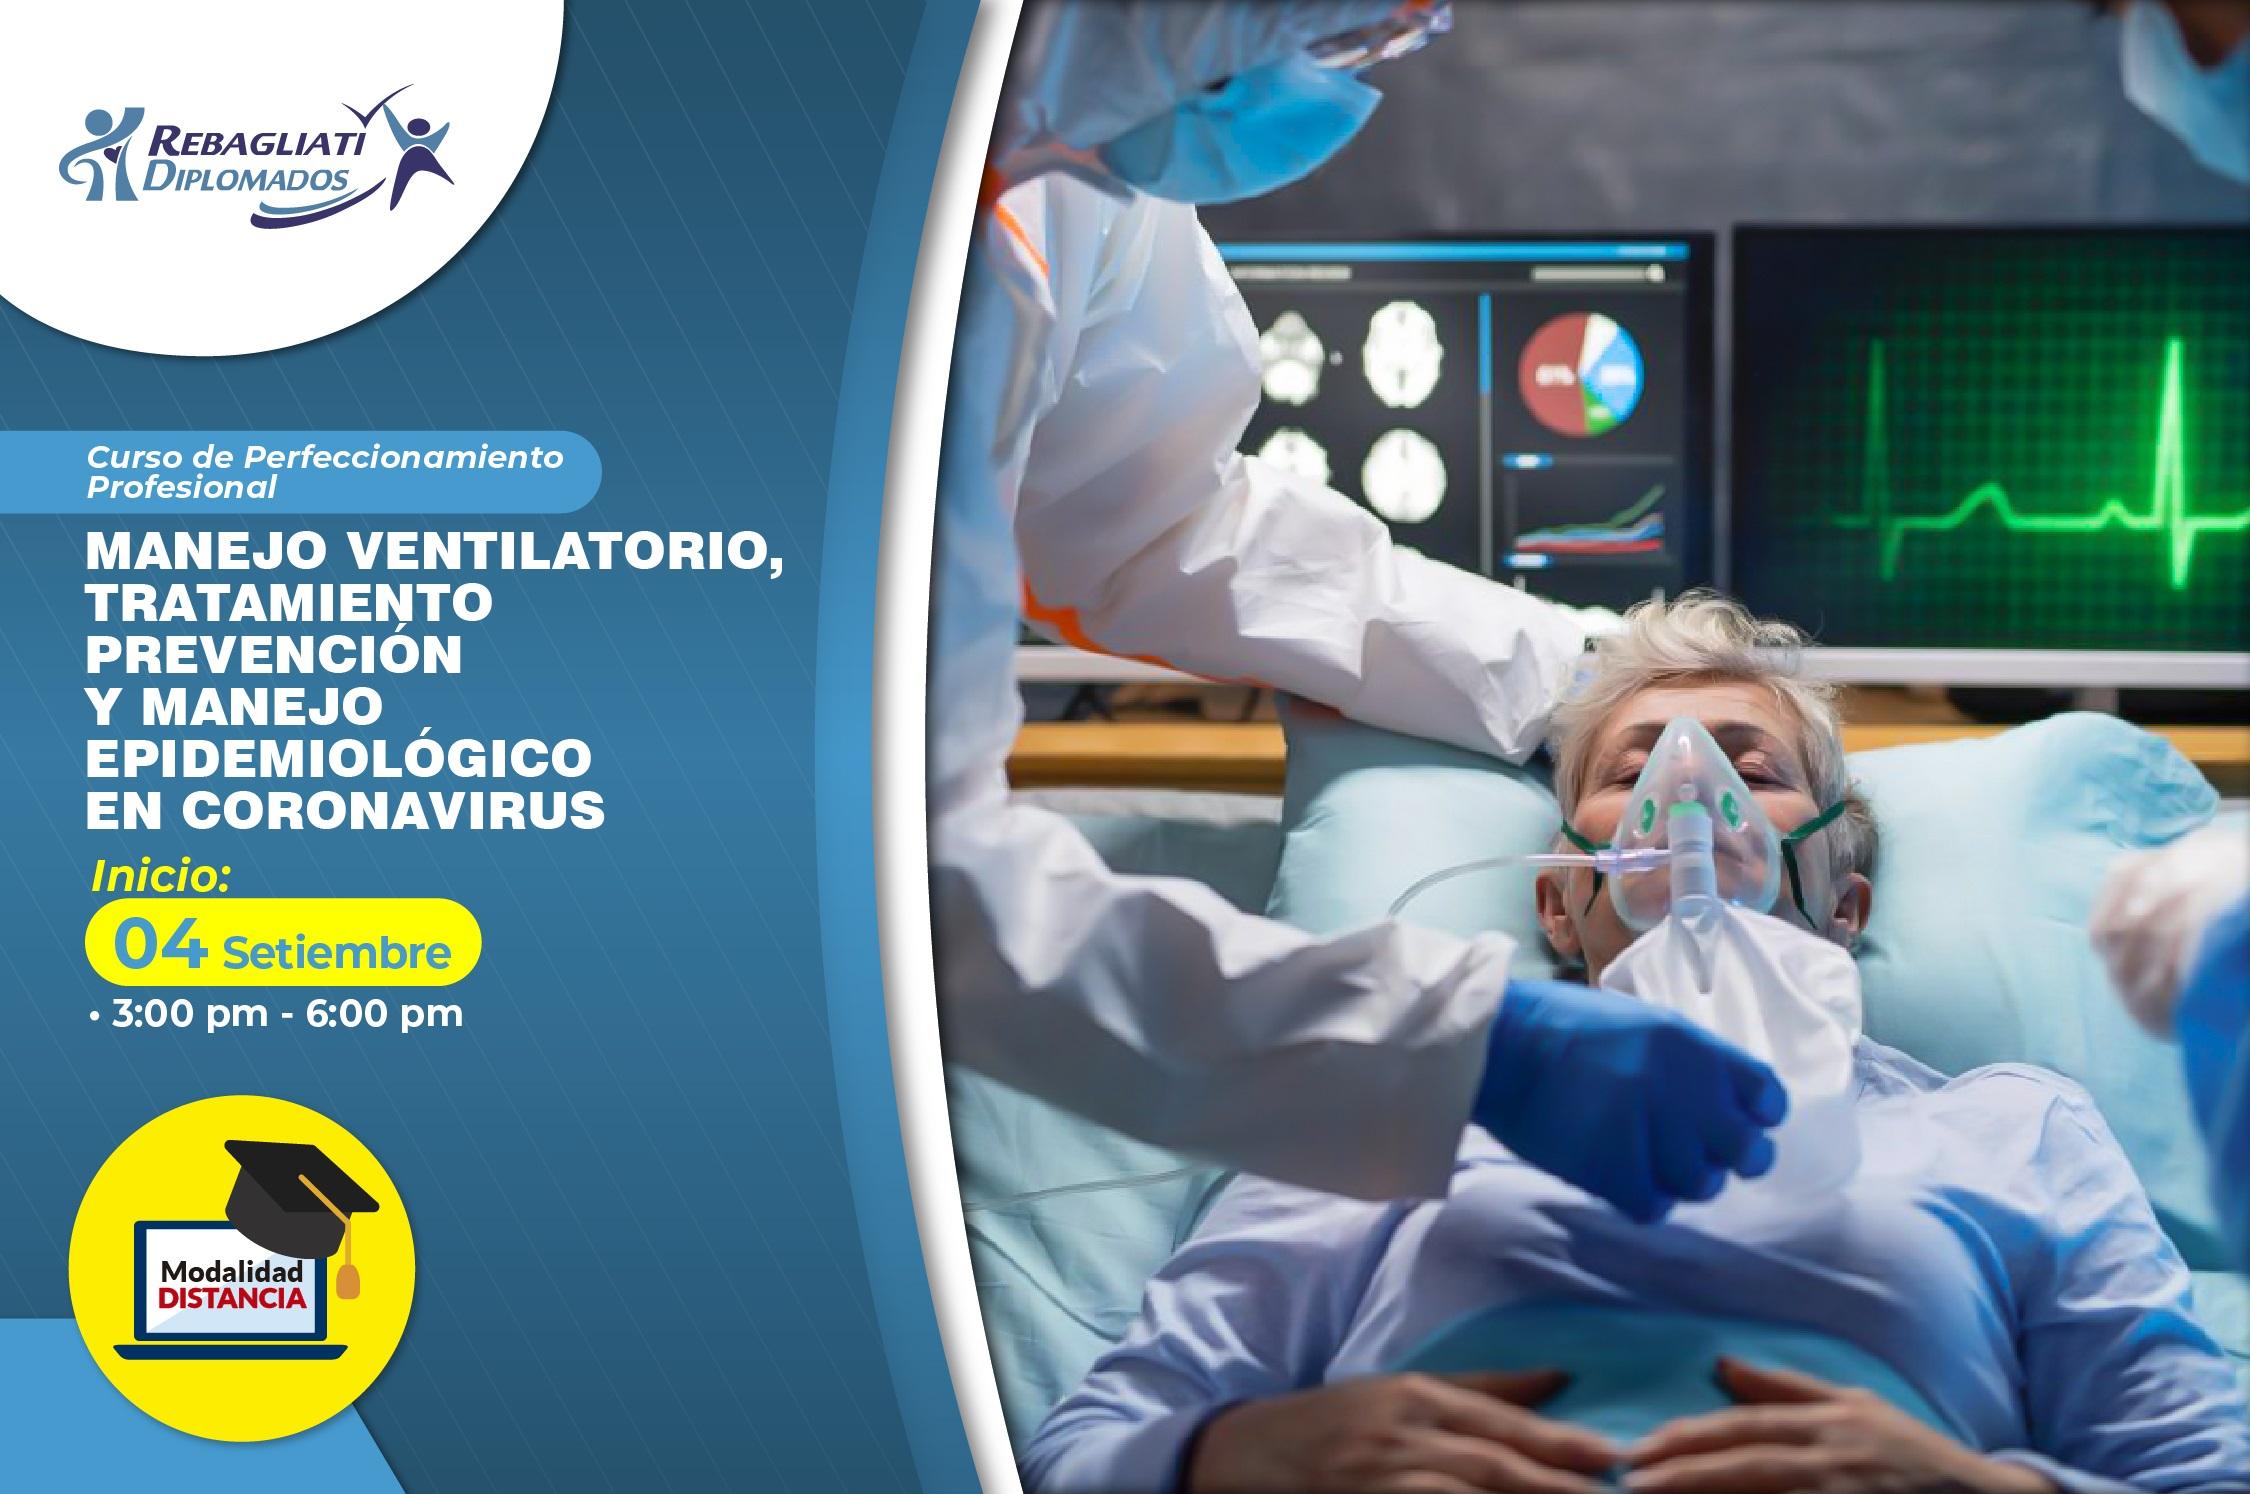 MANEJO VENTILATORIO, TRATAMIENTO PREVENCIÓN Y MANEJO EPIDEMIOLÓGICO EN CORONAVIRUS SEPTIEMBRE 2021